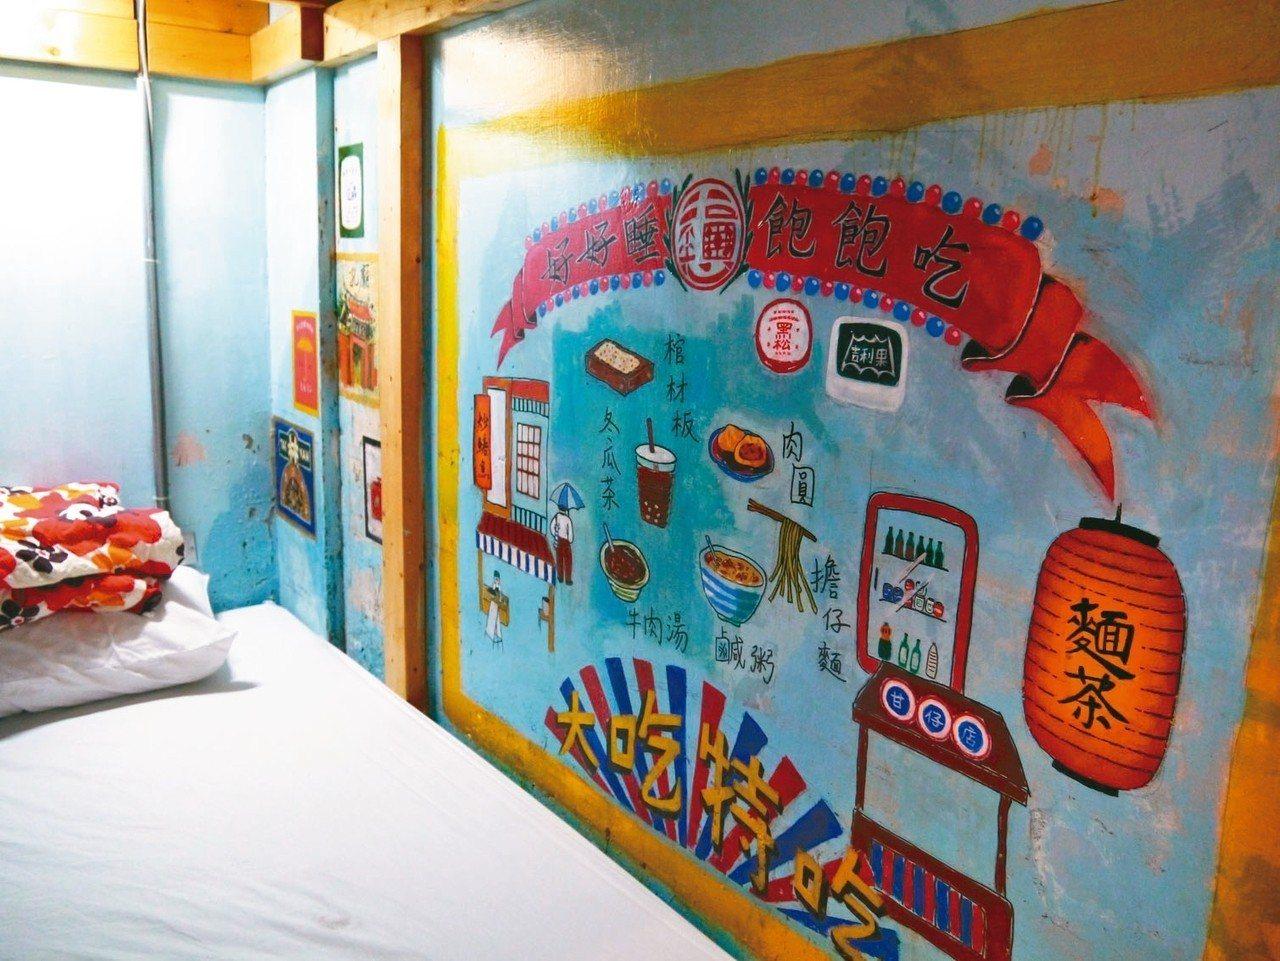 福憩背包客棧每床500元起,床旁還有各種彩繪。 記者羅建怡/攝影